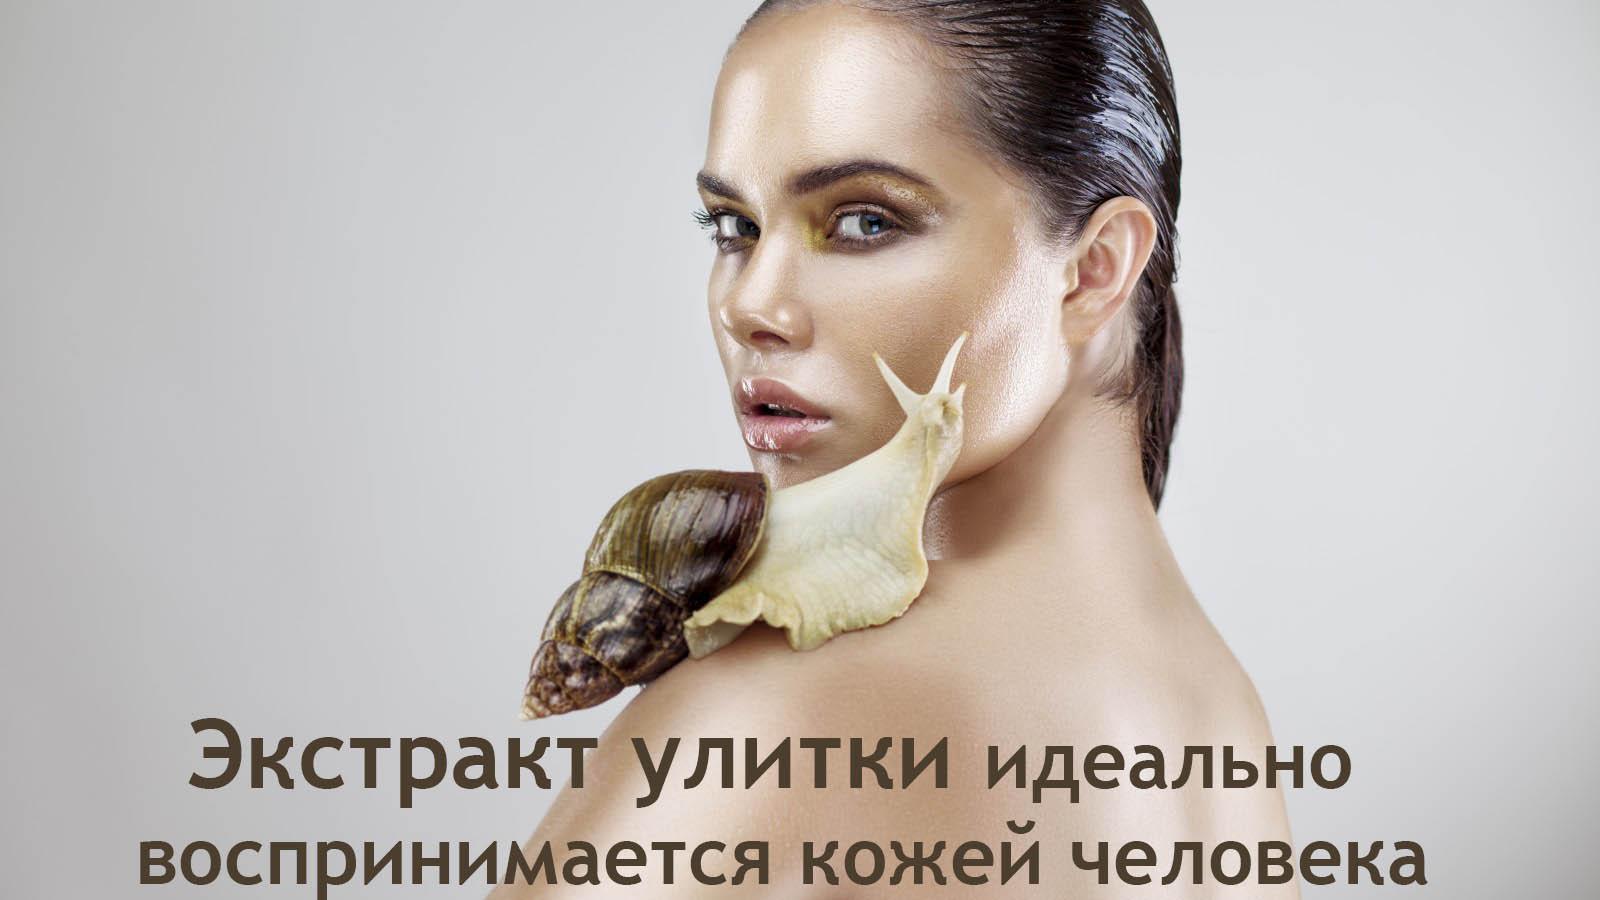 Косметика с муцином улитки - что это такое, польза от применения